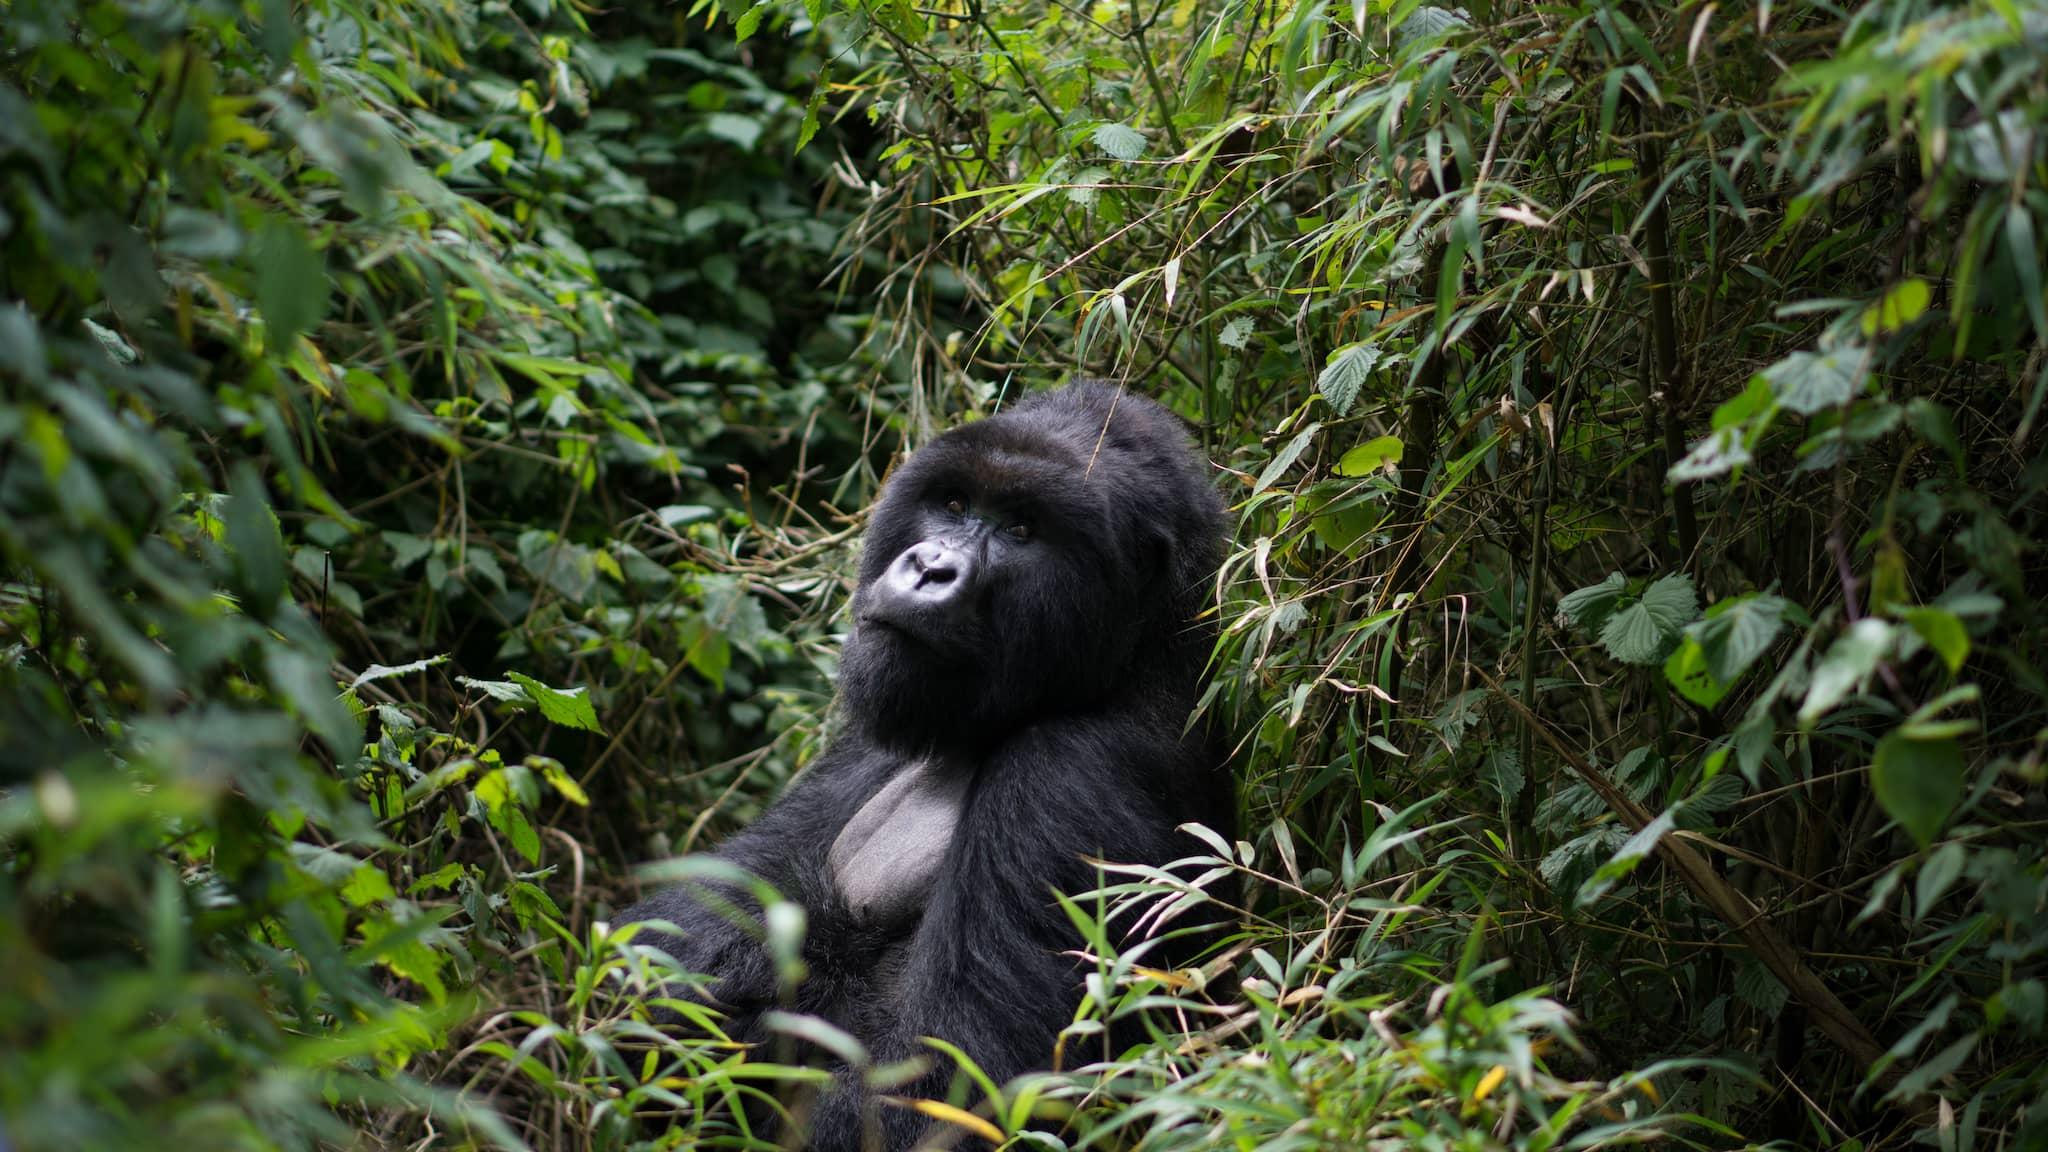 Gorilla lacht Nachwuchs an